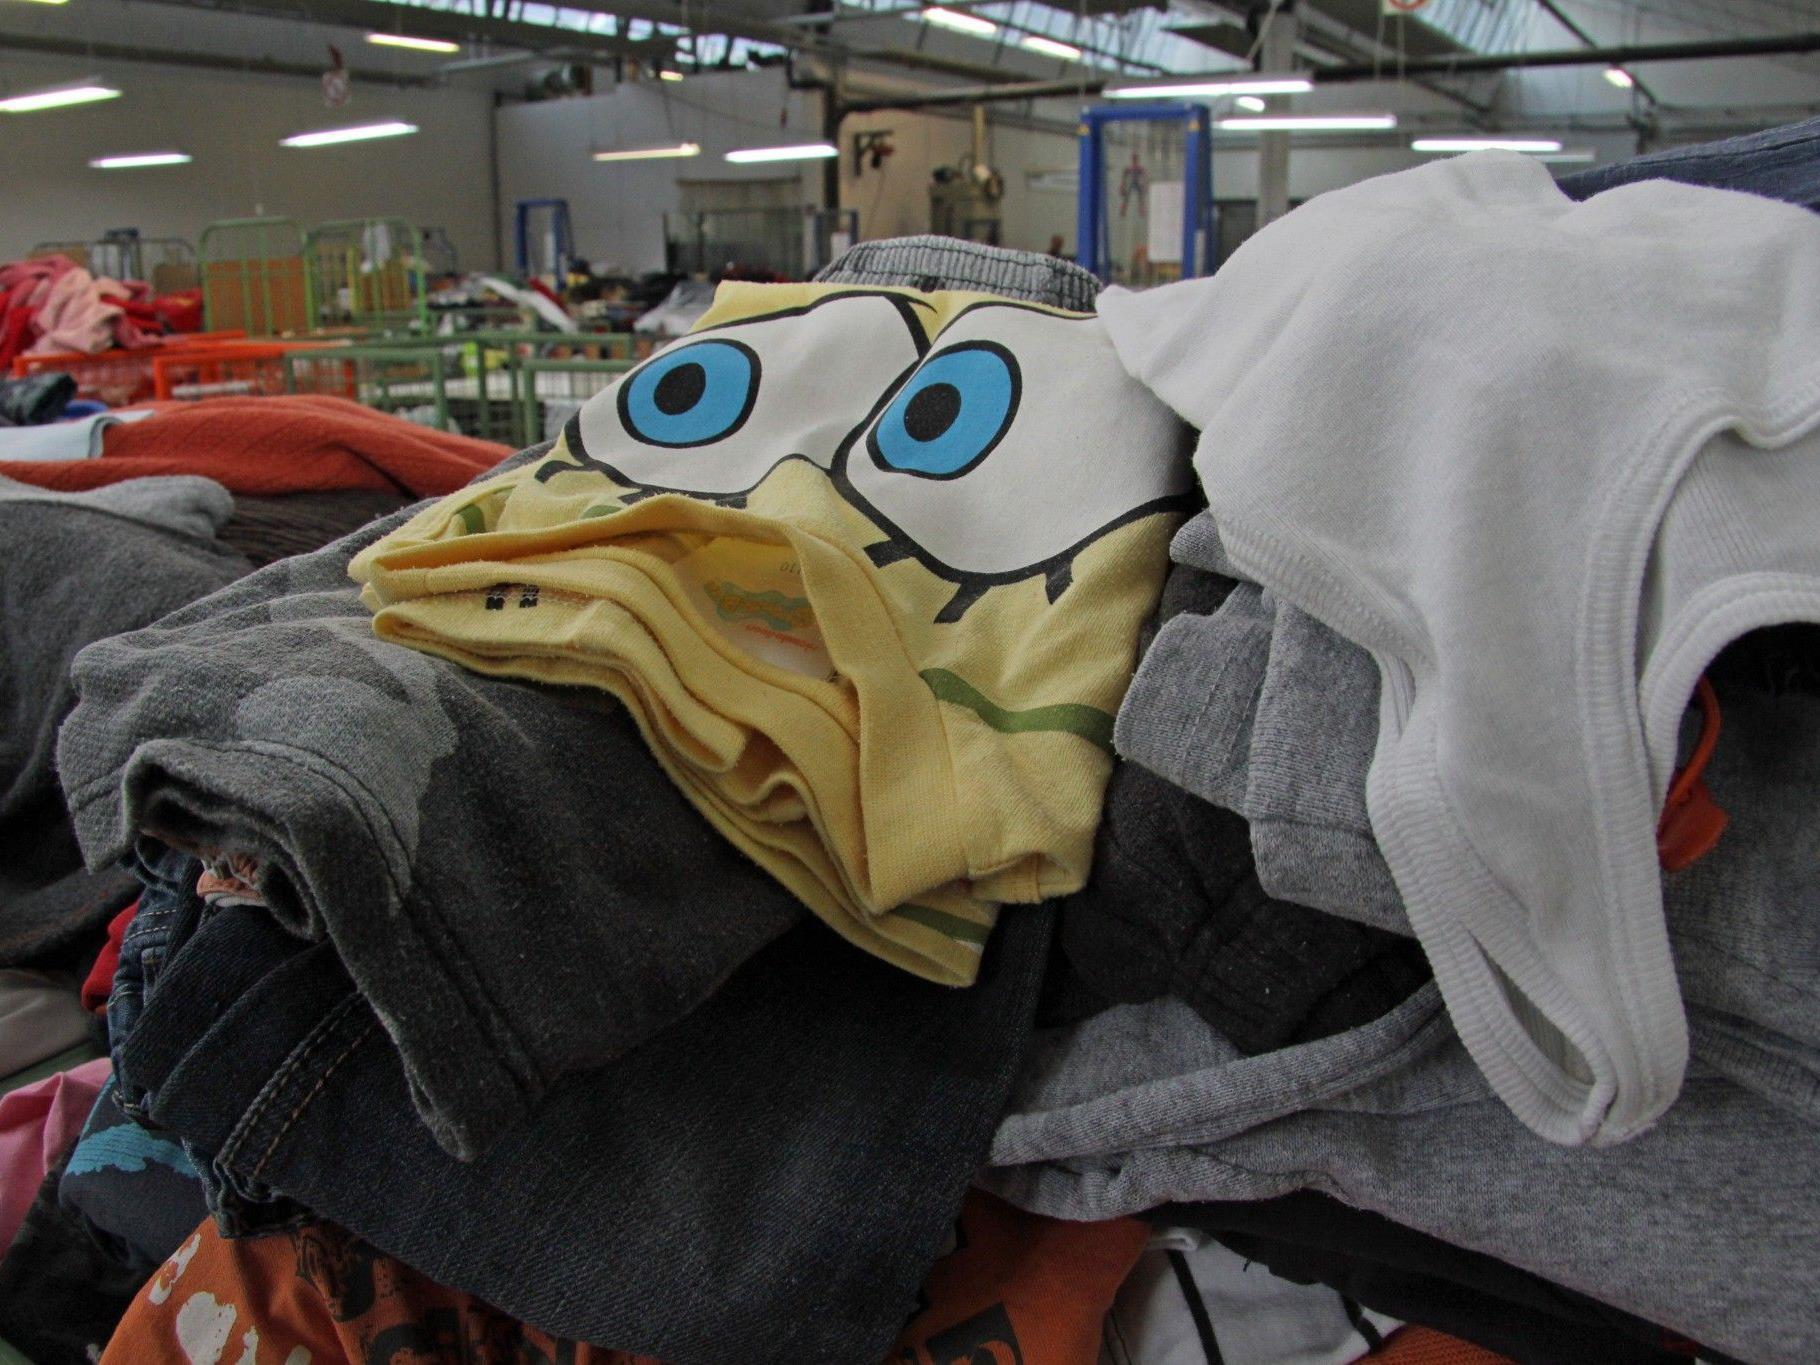 Die Kleiderberge in der Kleidersortierung Hohenems